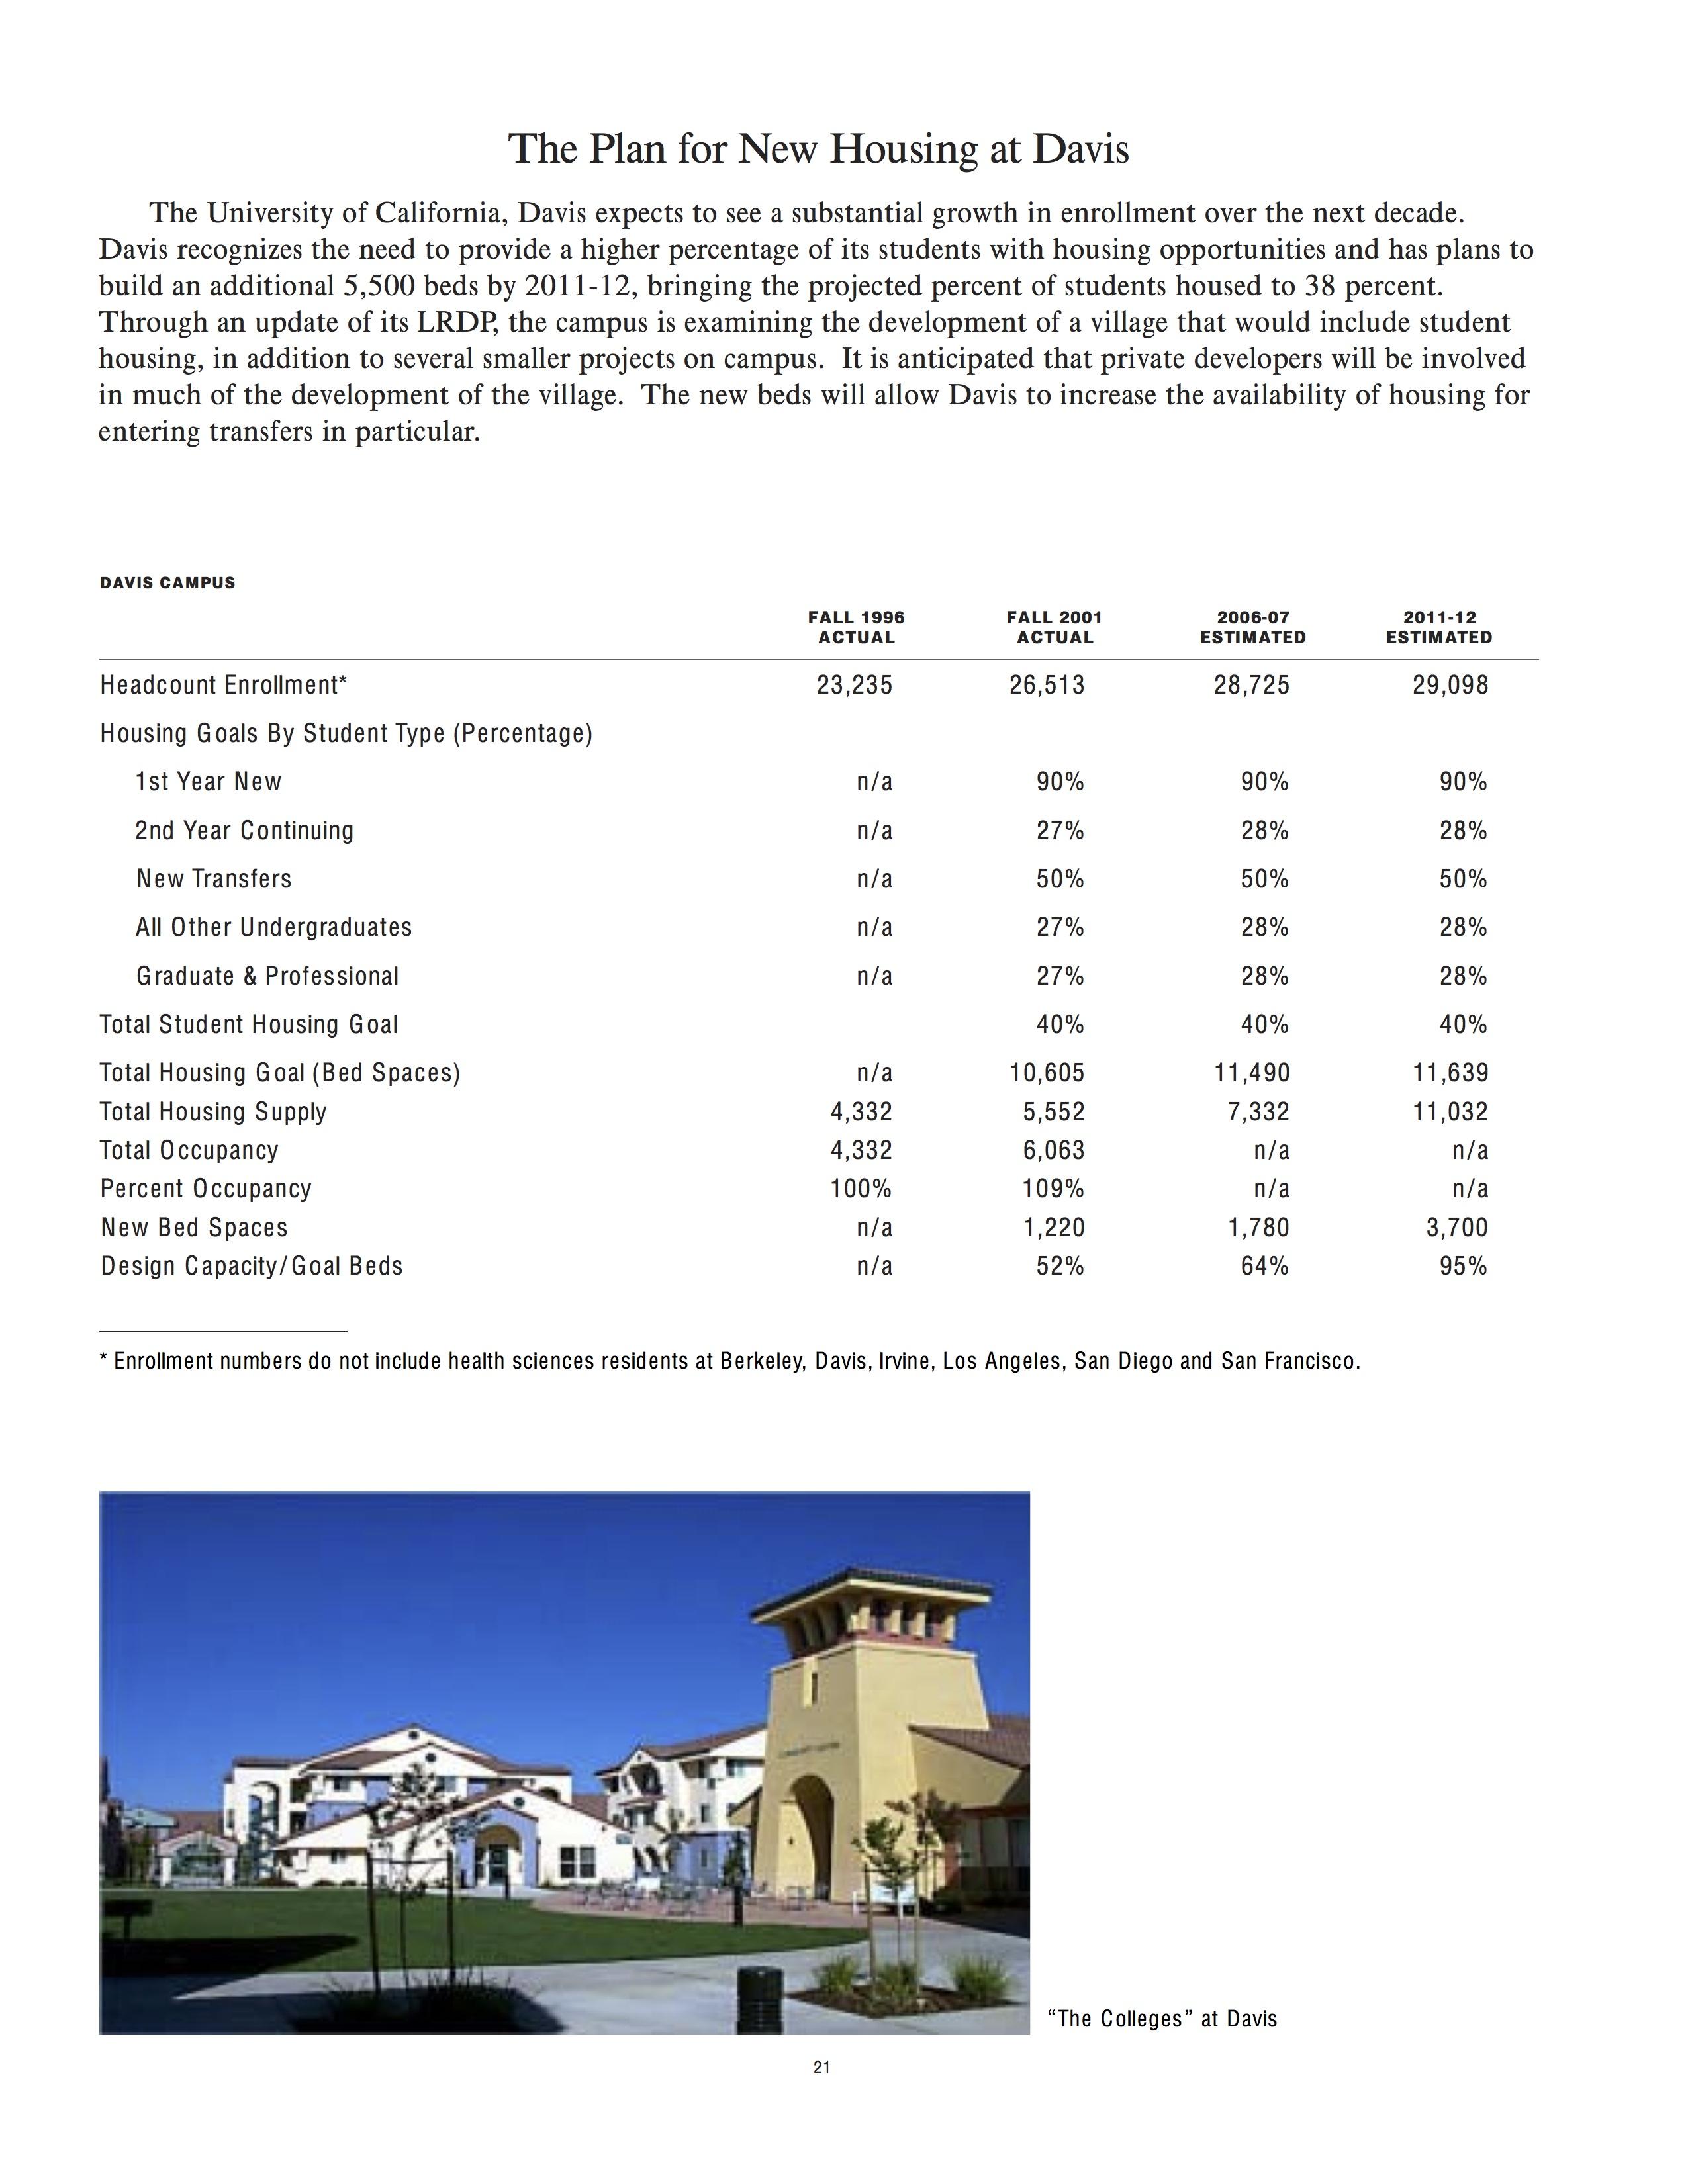 UC Housing in the 21st Century - UC Davis specific plan